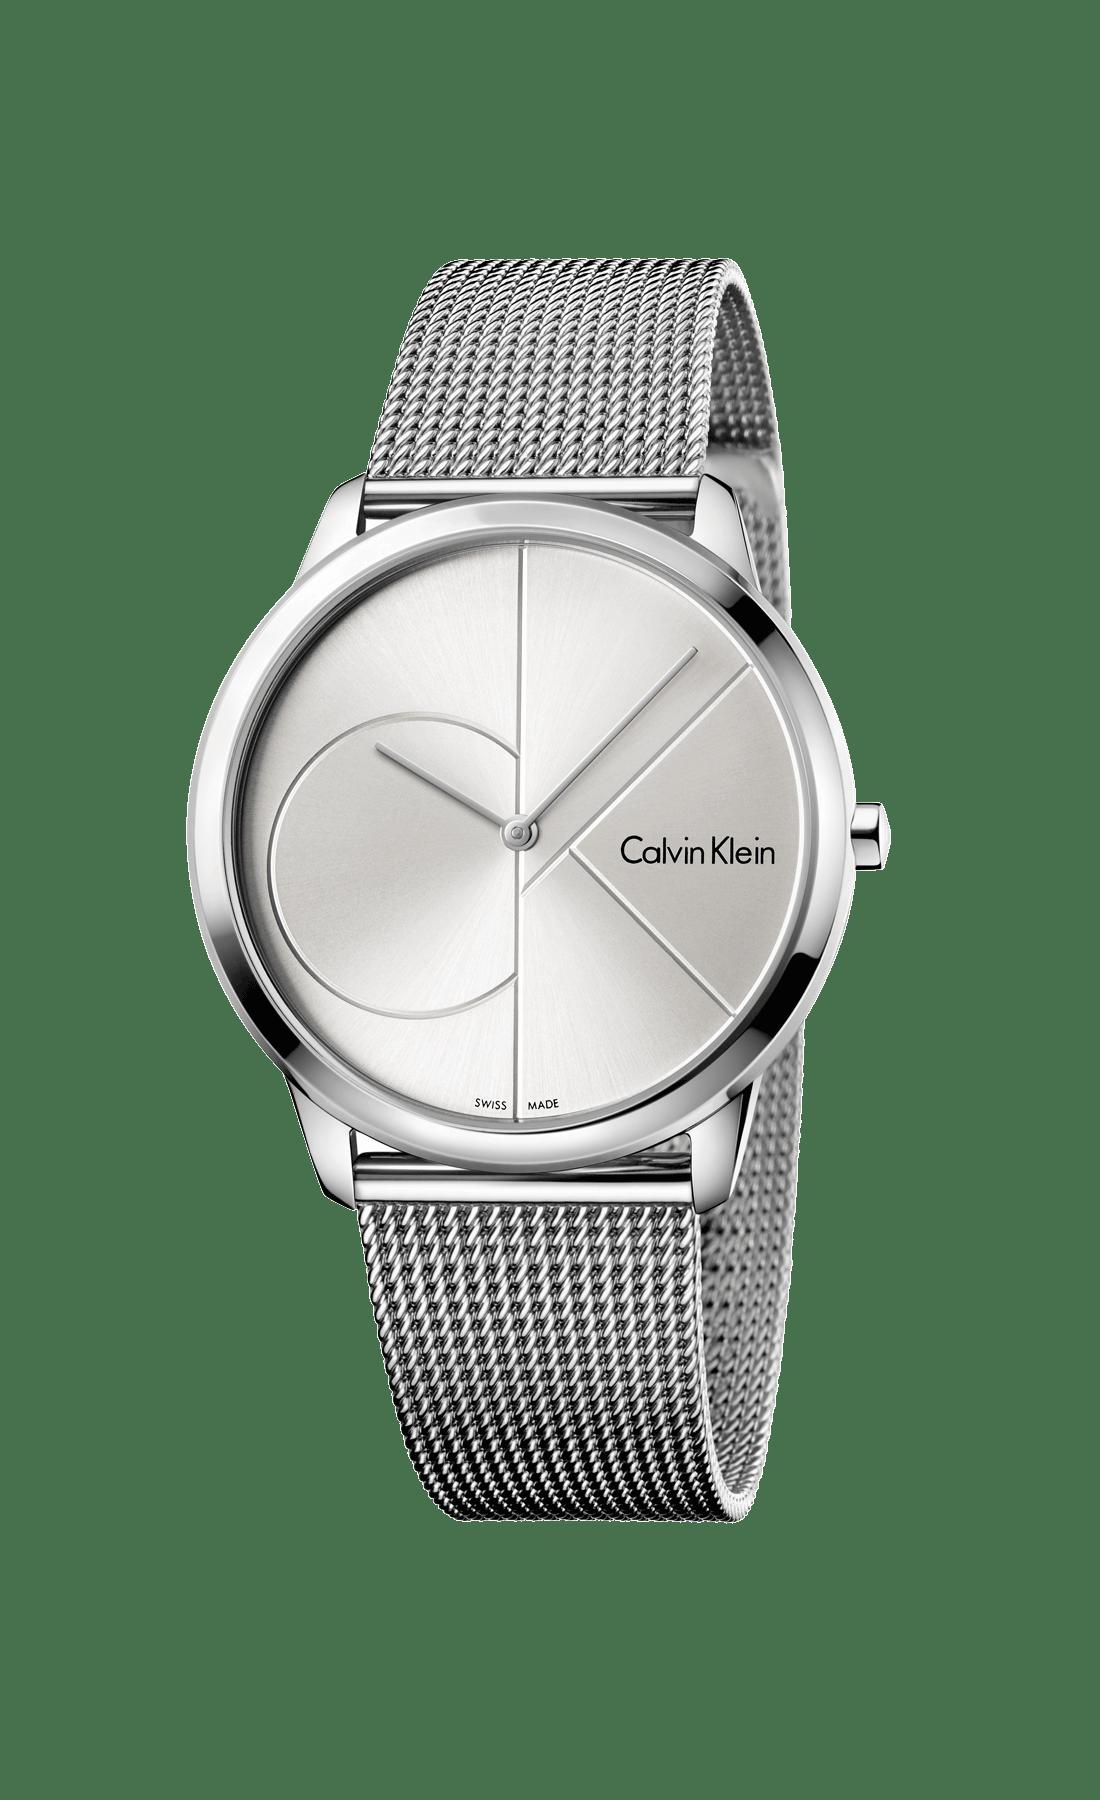 Relógio, Boutique dos Relógios, 190€